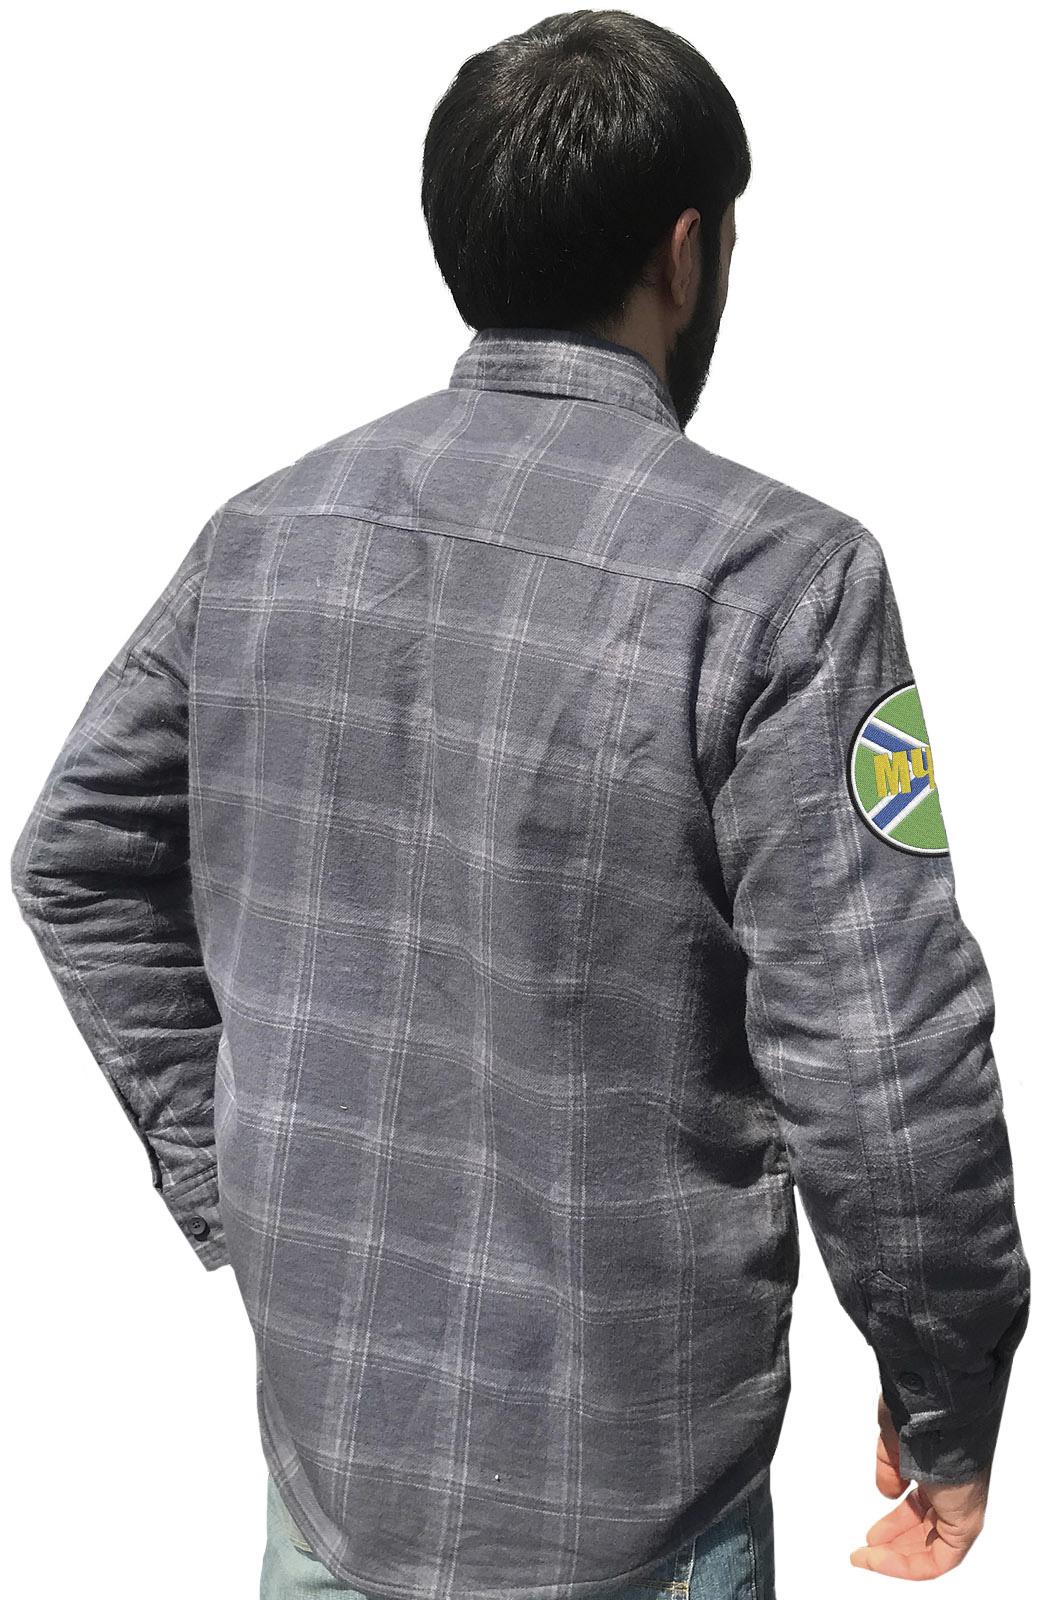 Мужская рубашка с нашивкой МЧПВ заказать выгодно